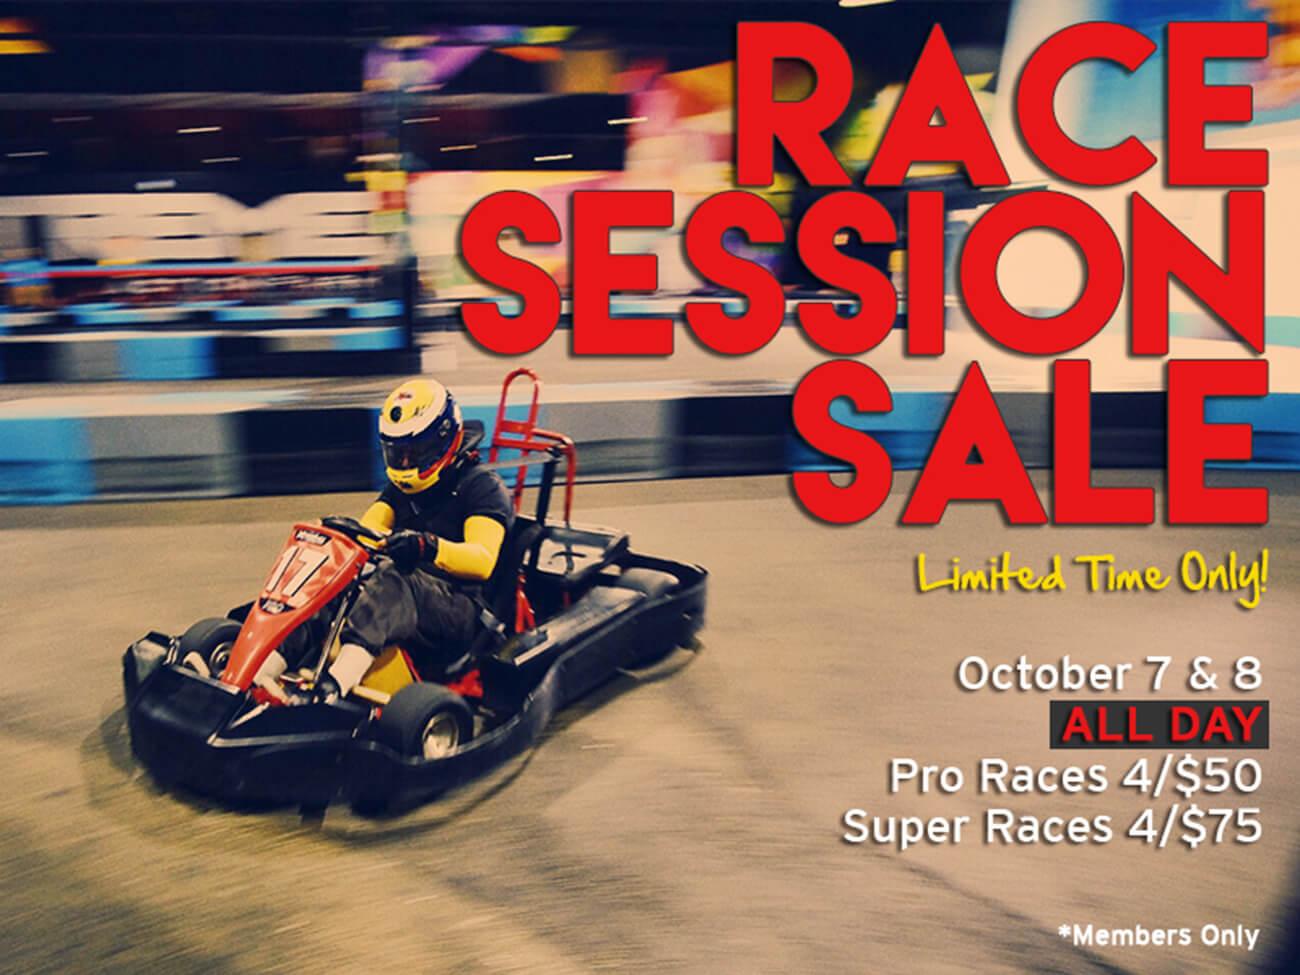 Race Session Sale!